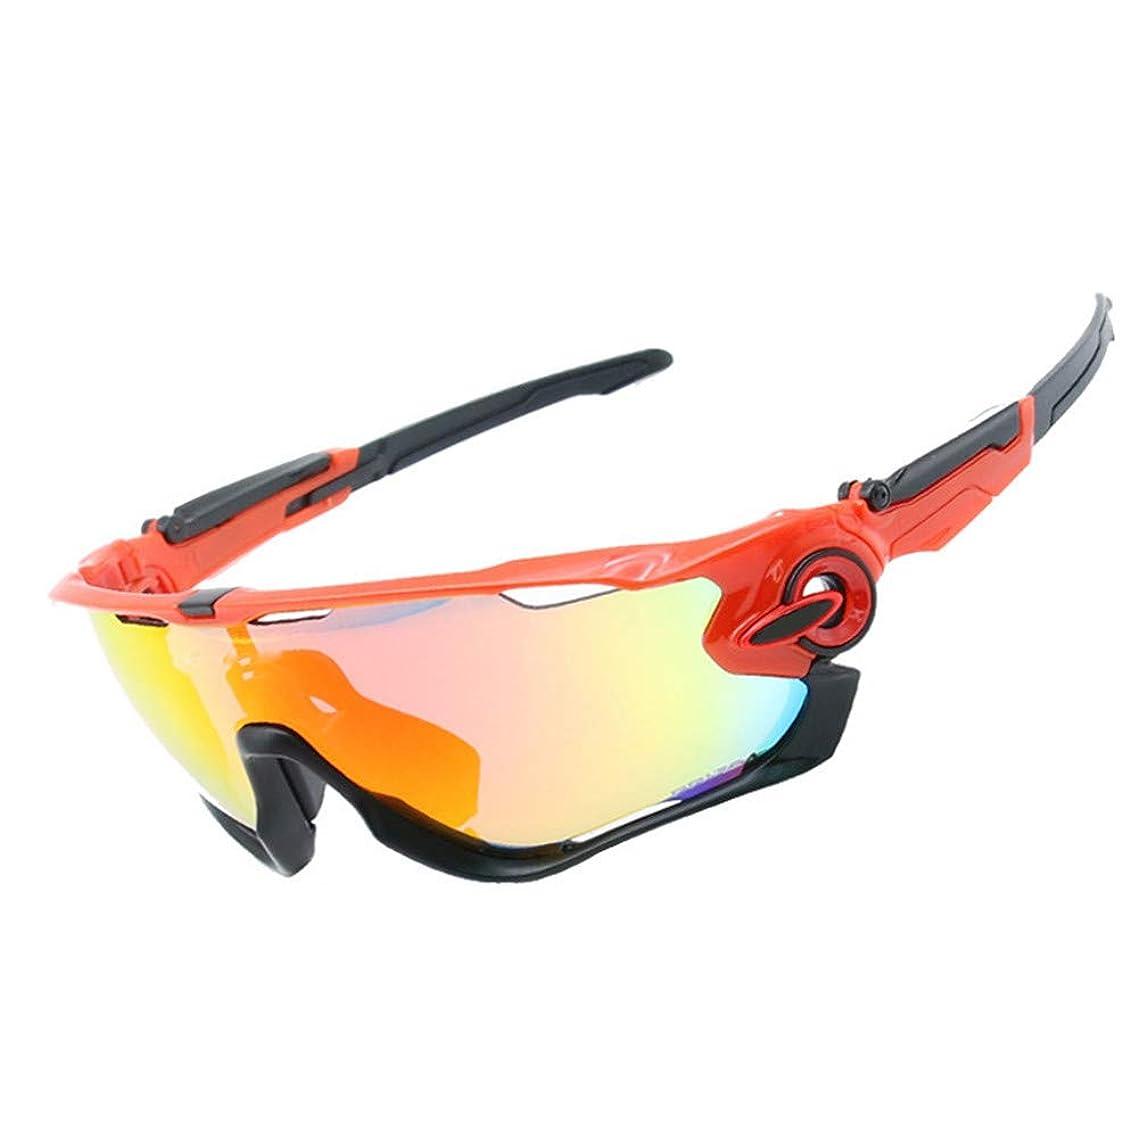 シェアポンド従うスポーツサングラス レンズ4個セットサングラスゴーグルサイクリングメガネ自転車マウンテンバイクメガネ 軽量 ユニセックス 紫外線防止 登山 ゴルフ 釣り 野球 ランニング (Color : Red black)